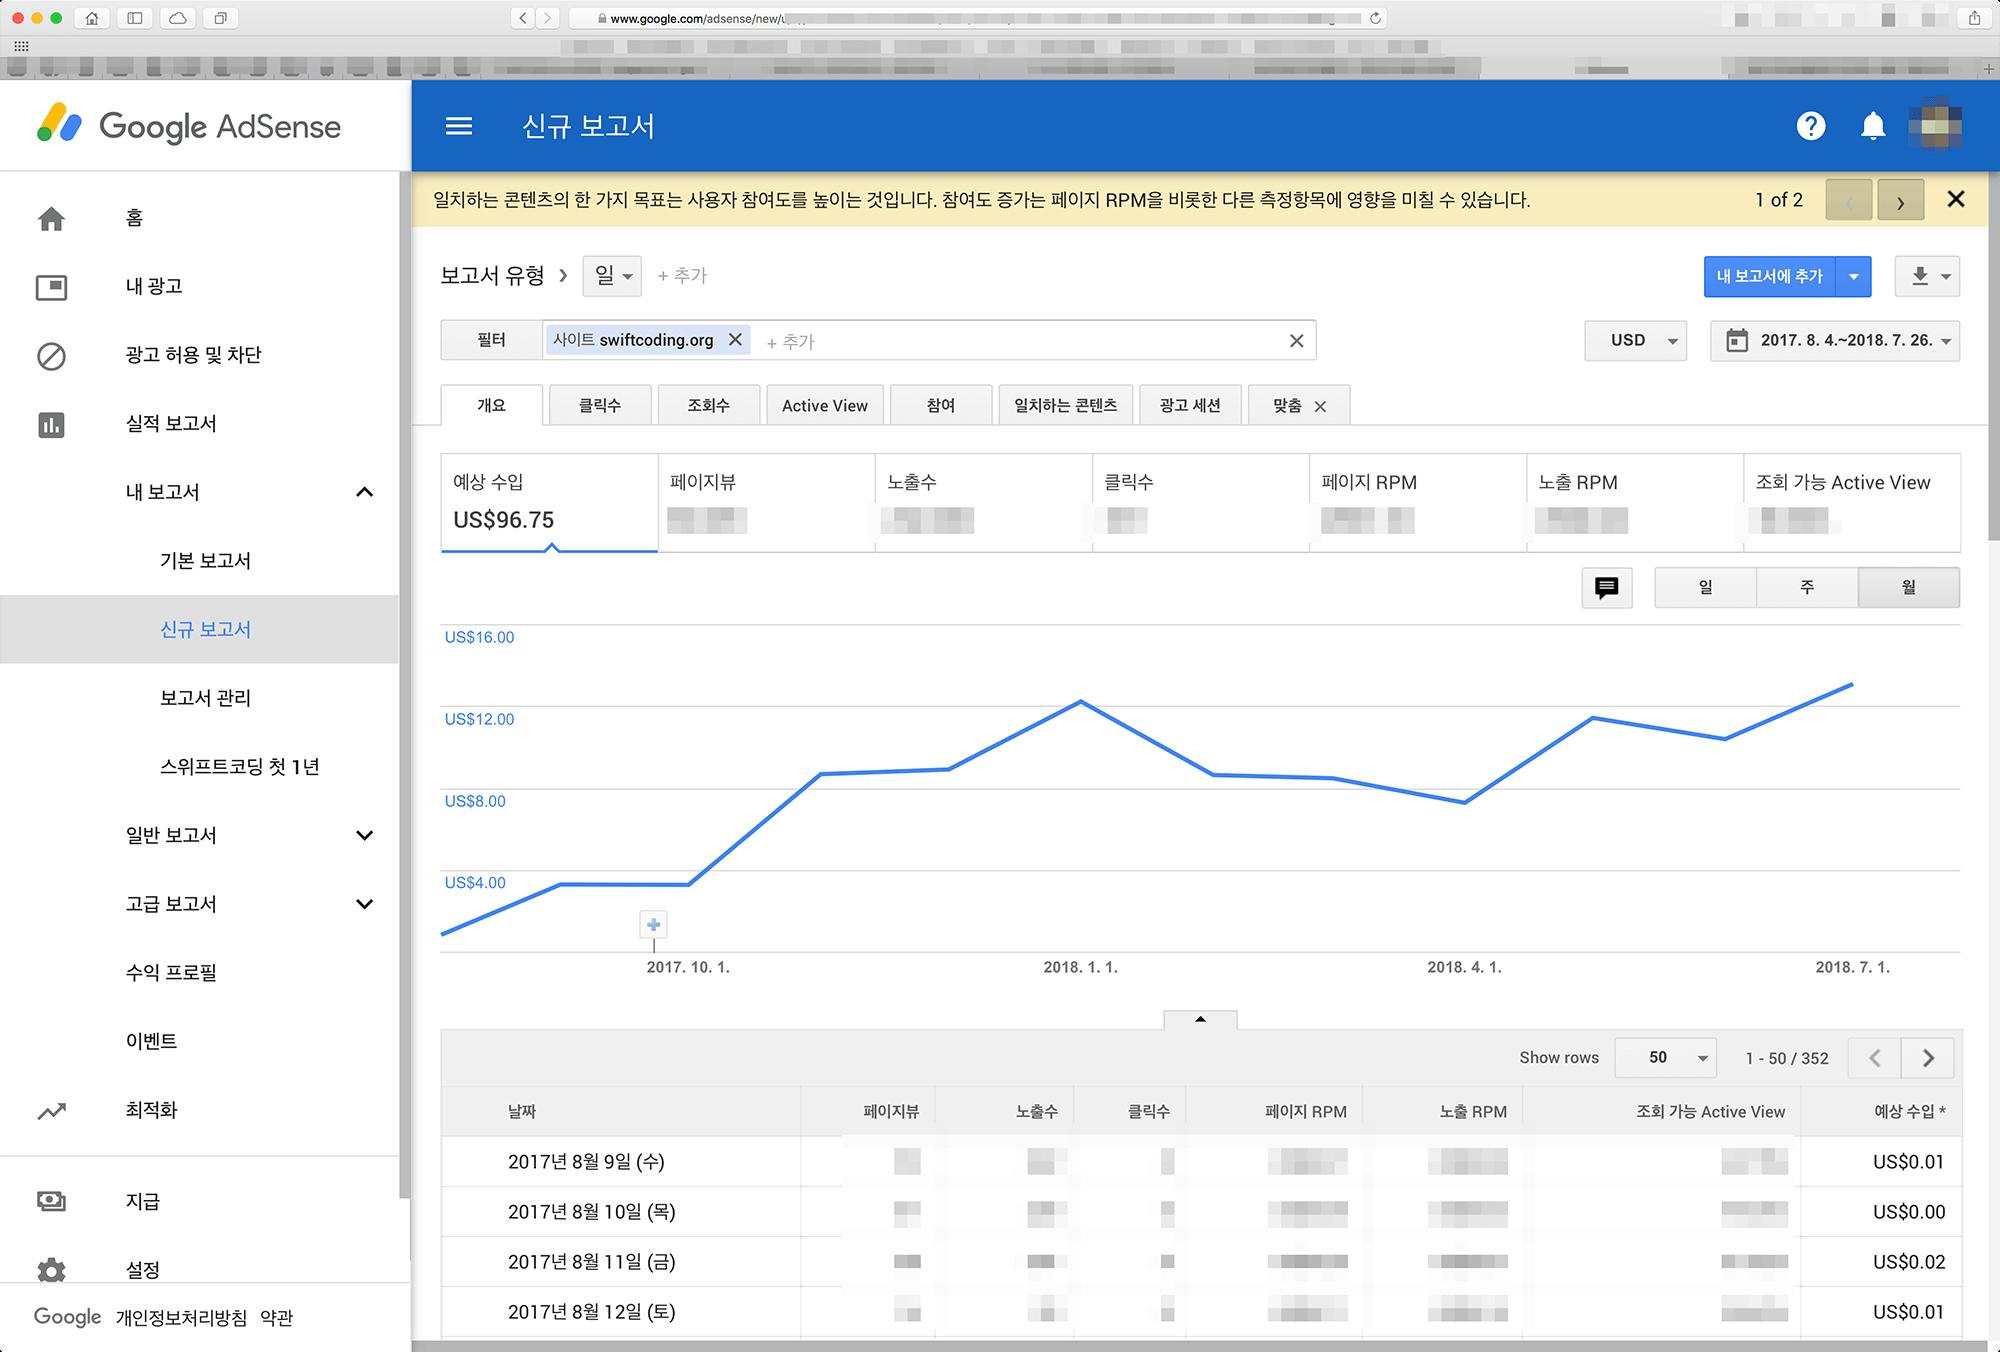 애드센스 누적수익 96 달러를 가리키고 있다